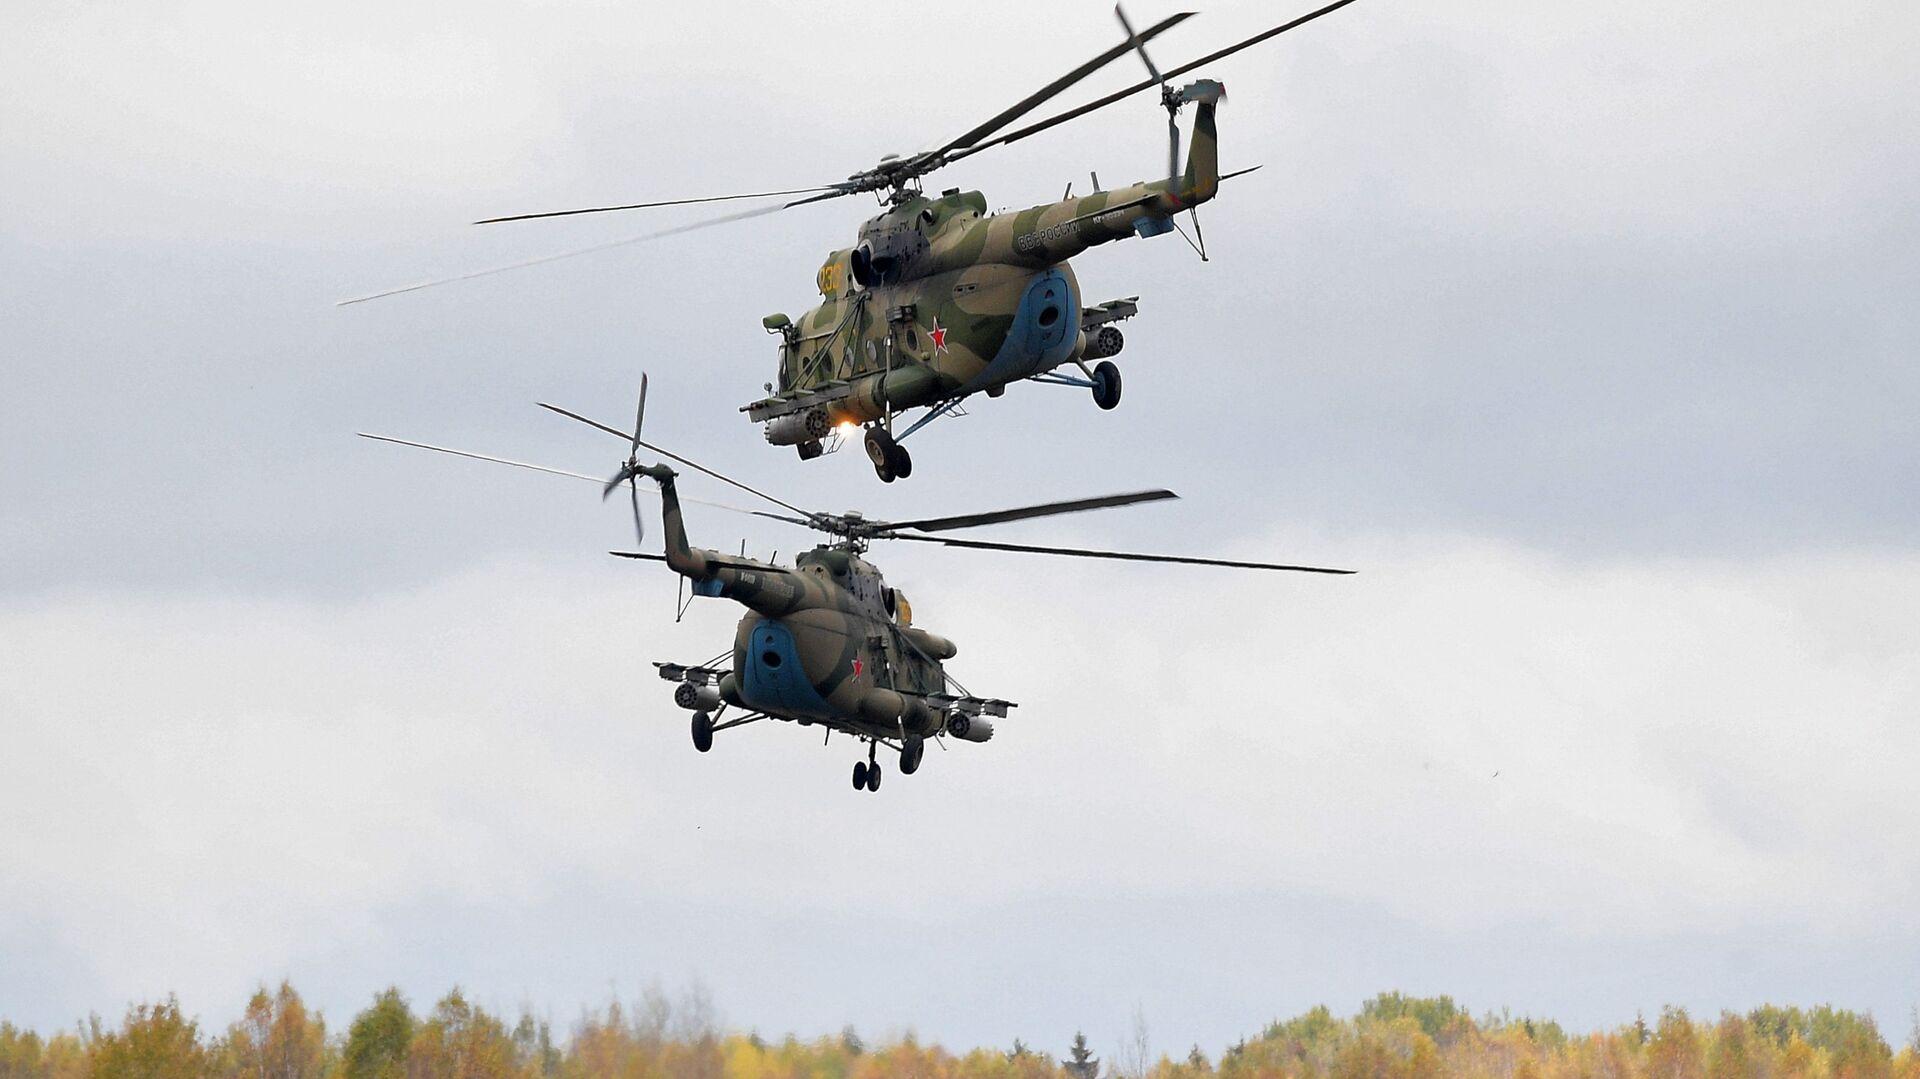 Вертолеты Ми-8 во время командно-штабных учений ОДКБ Нерушимое братство 2020 на полигоне Лосвидо под Витебском - Sputnik Таджикистан, 1920, 25.05.2021